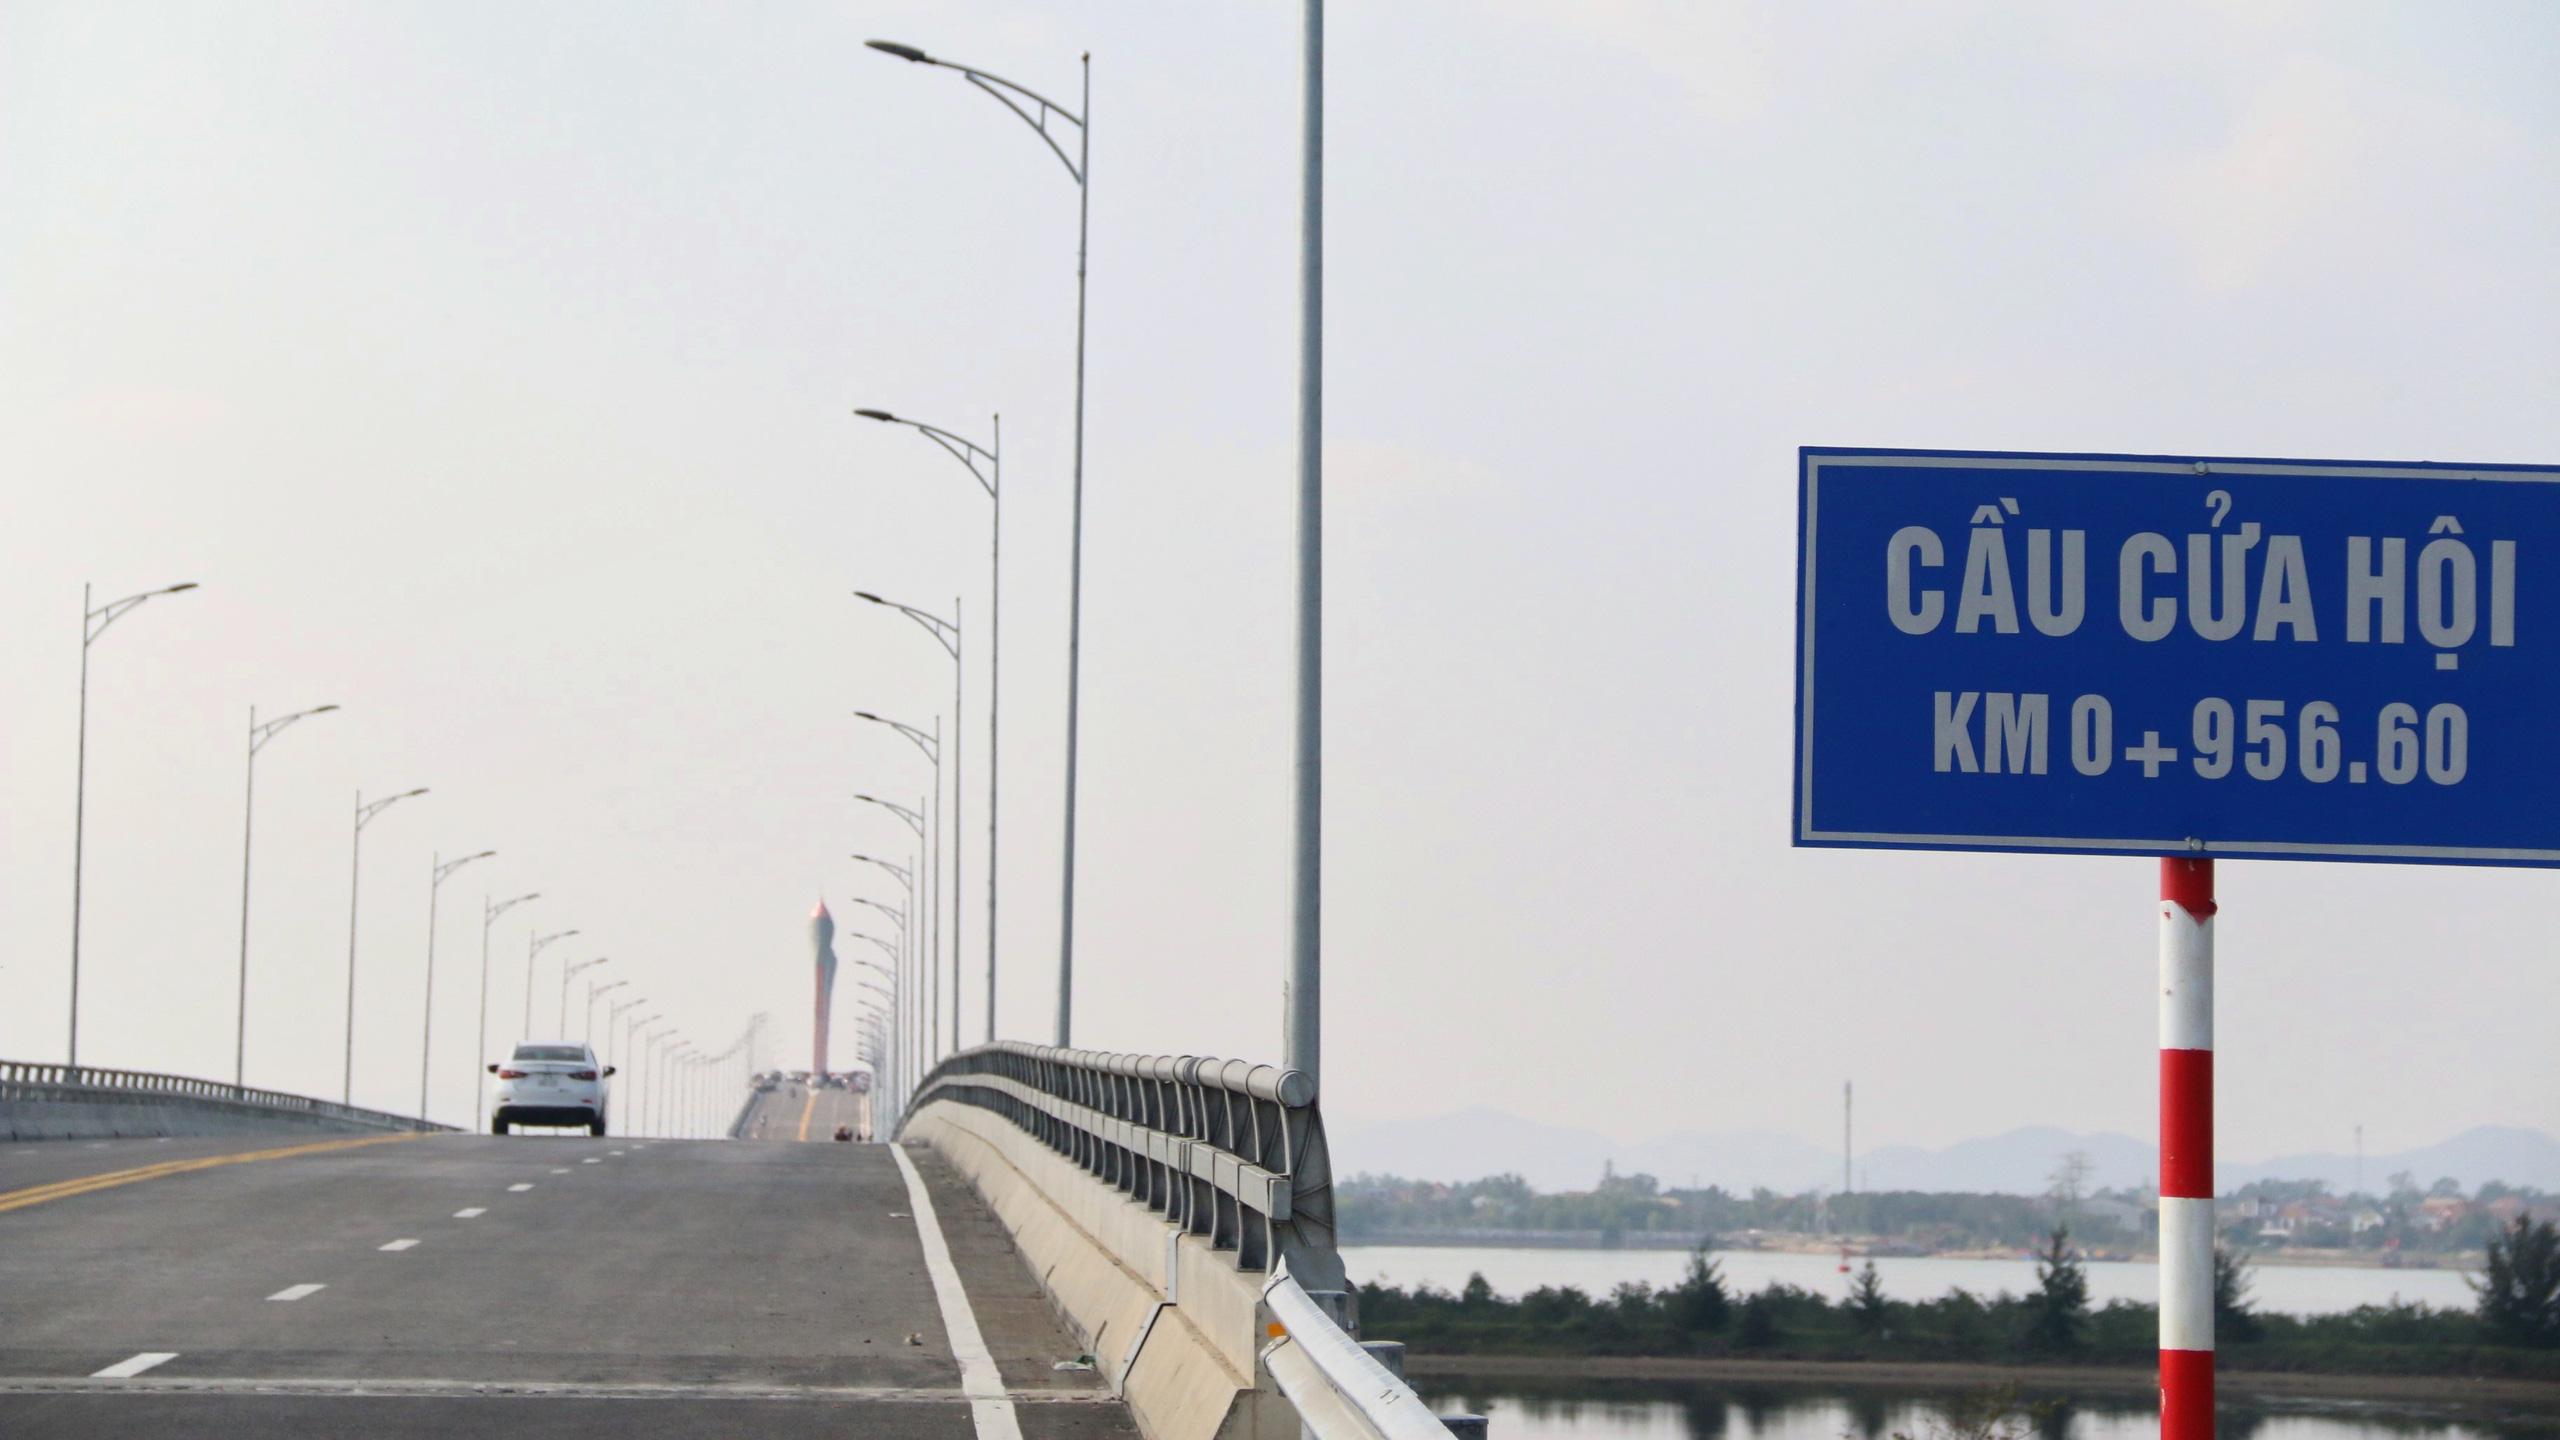 Người dân Nghệ An, Hà Tĩnh du xuân trên cầu gần nghìn tỷ vừa thông xe - Ảnh 20.